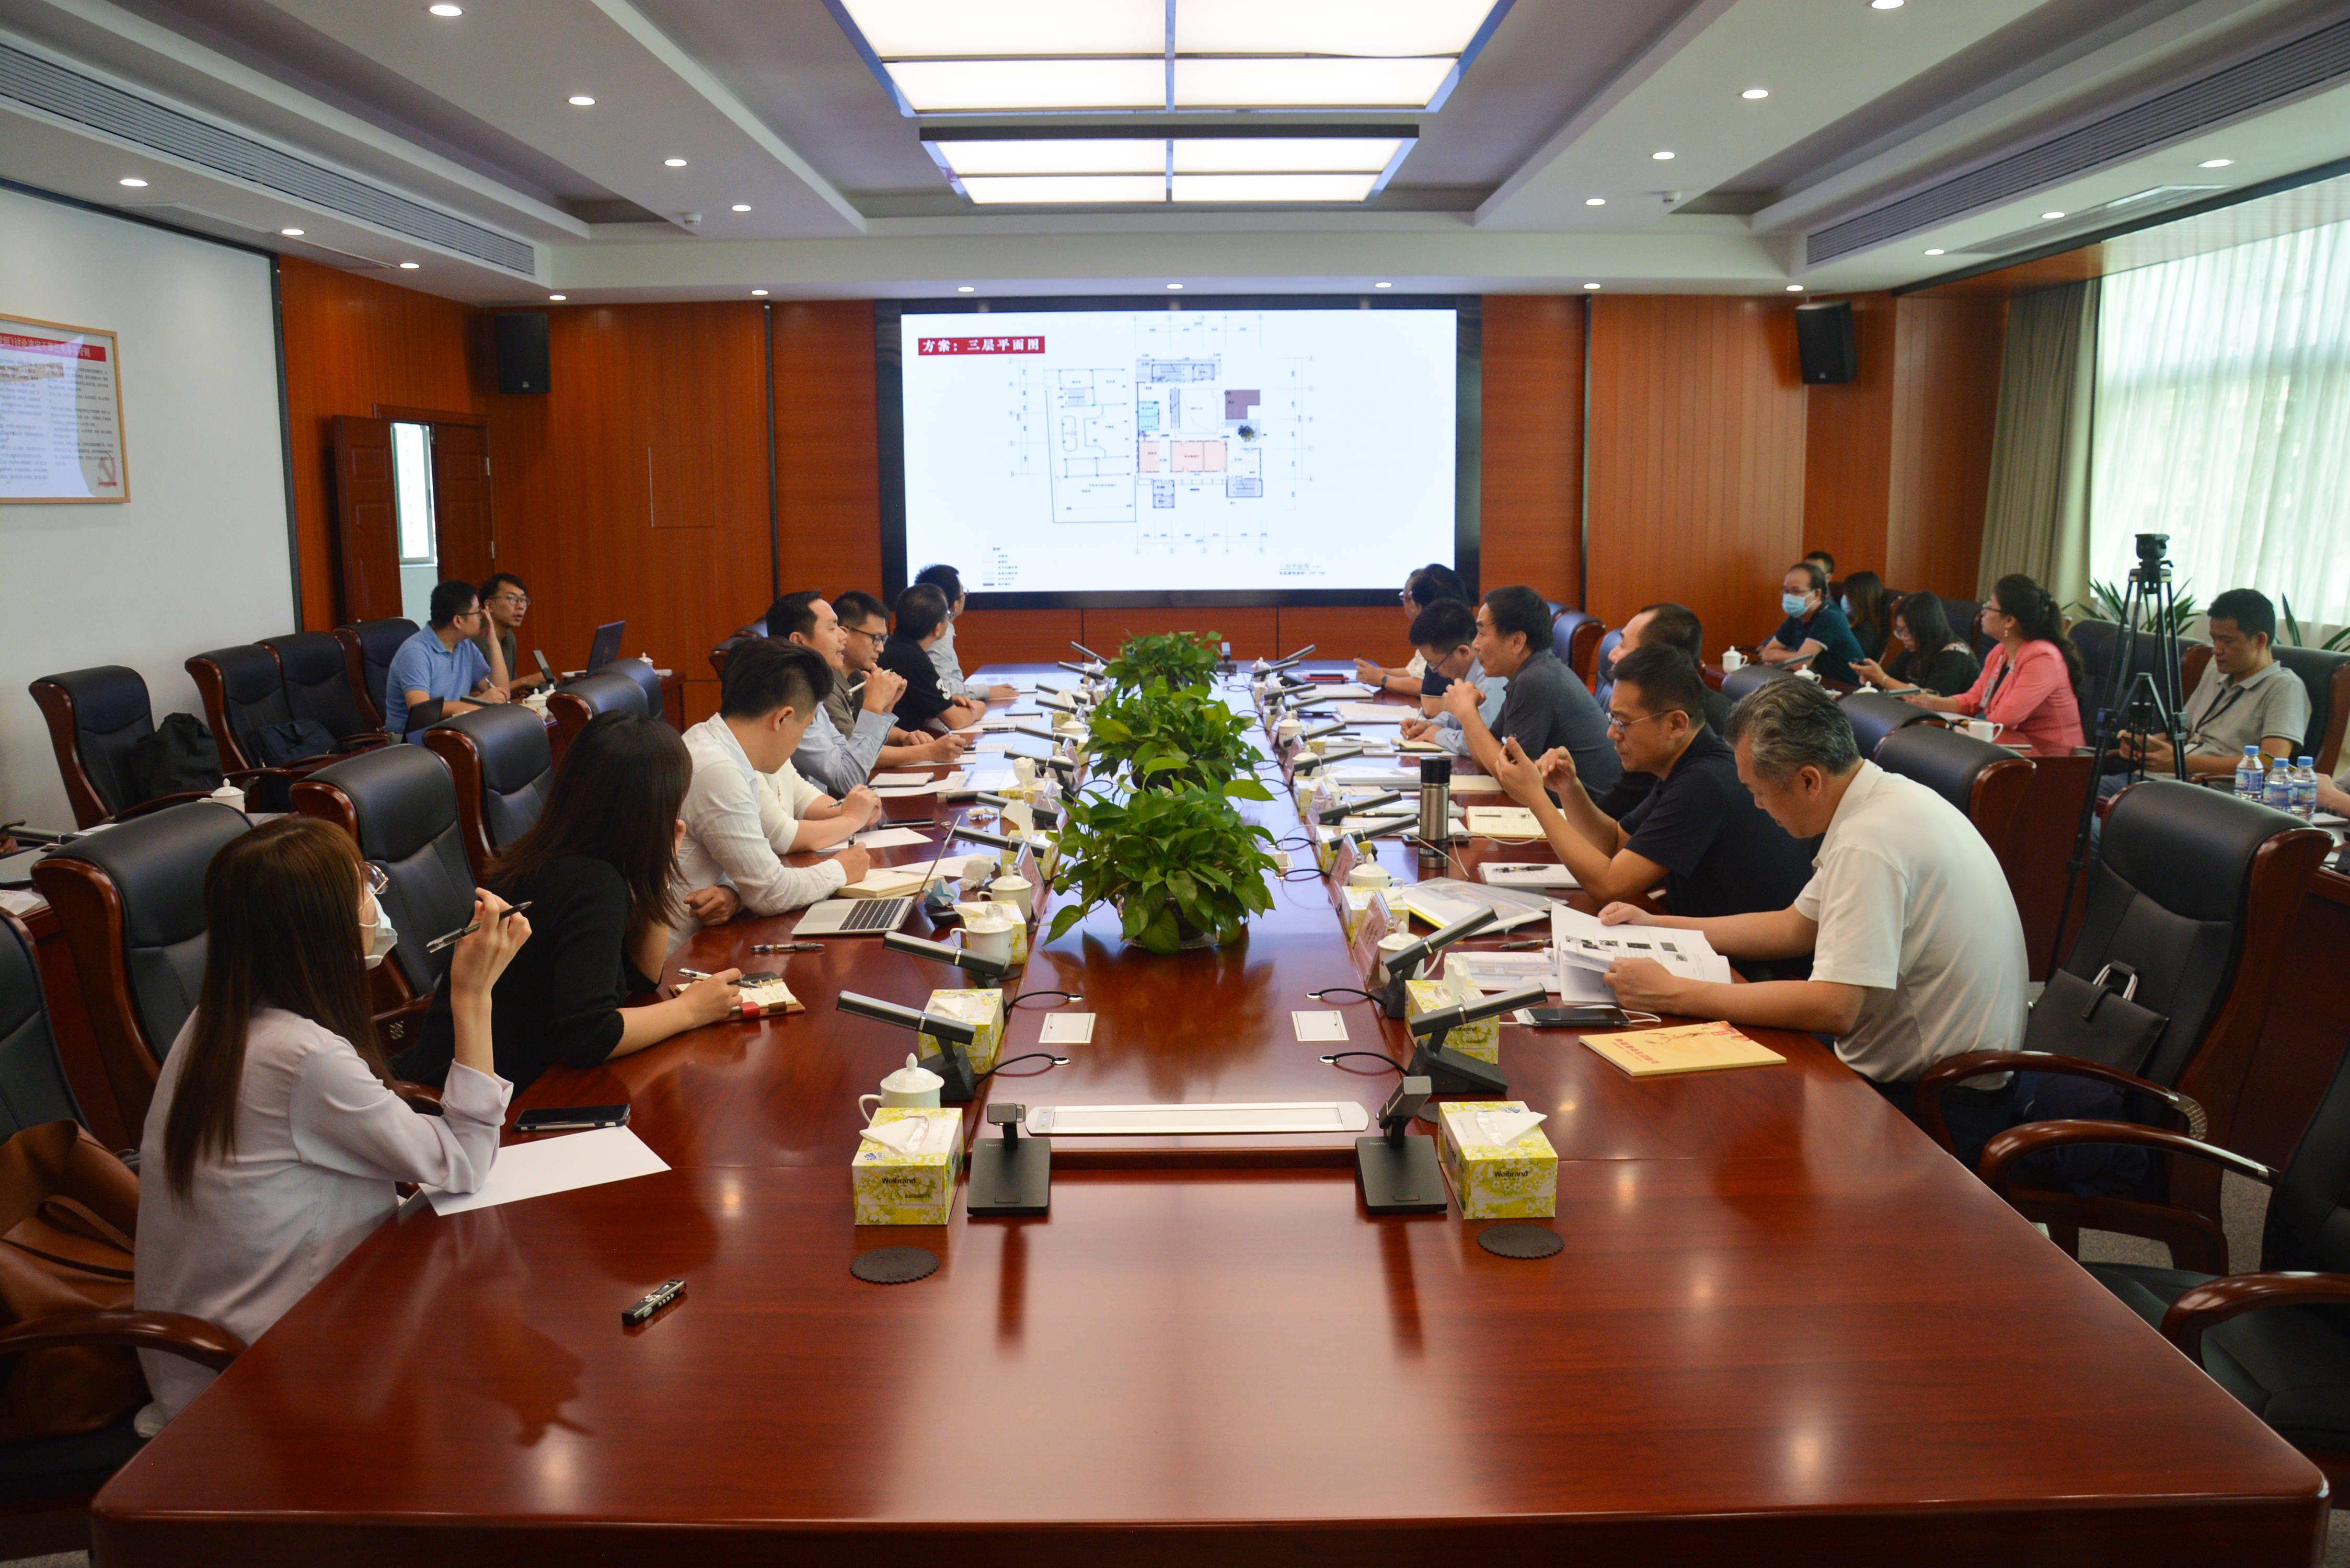 中国举重博物馆选址东莞石龙,争取年内动工明年建成